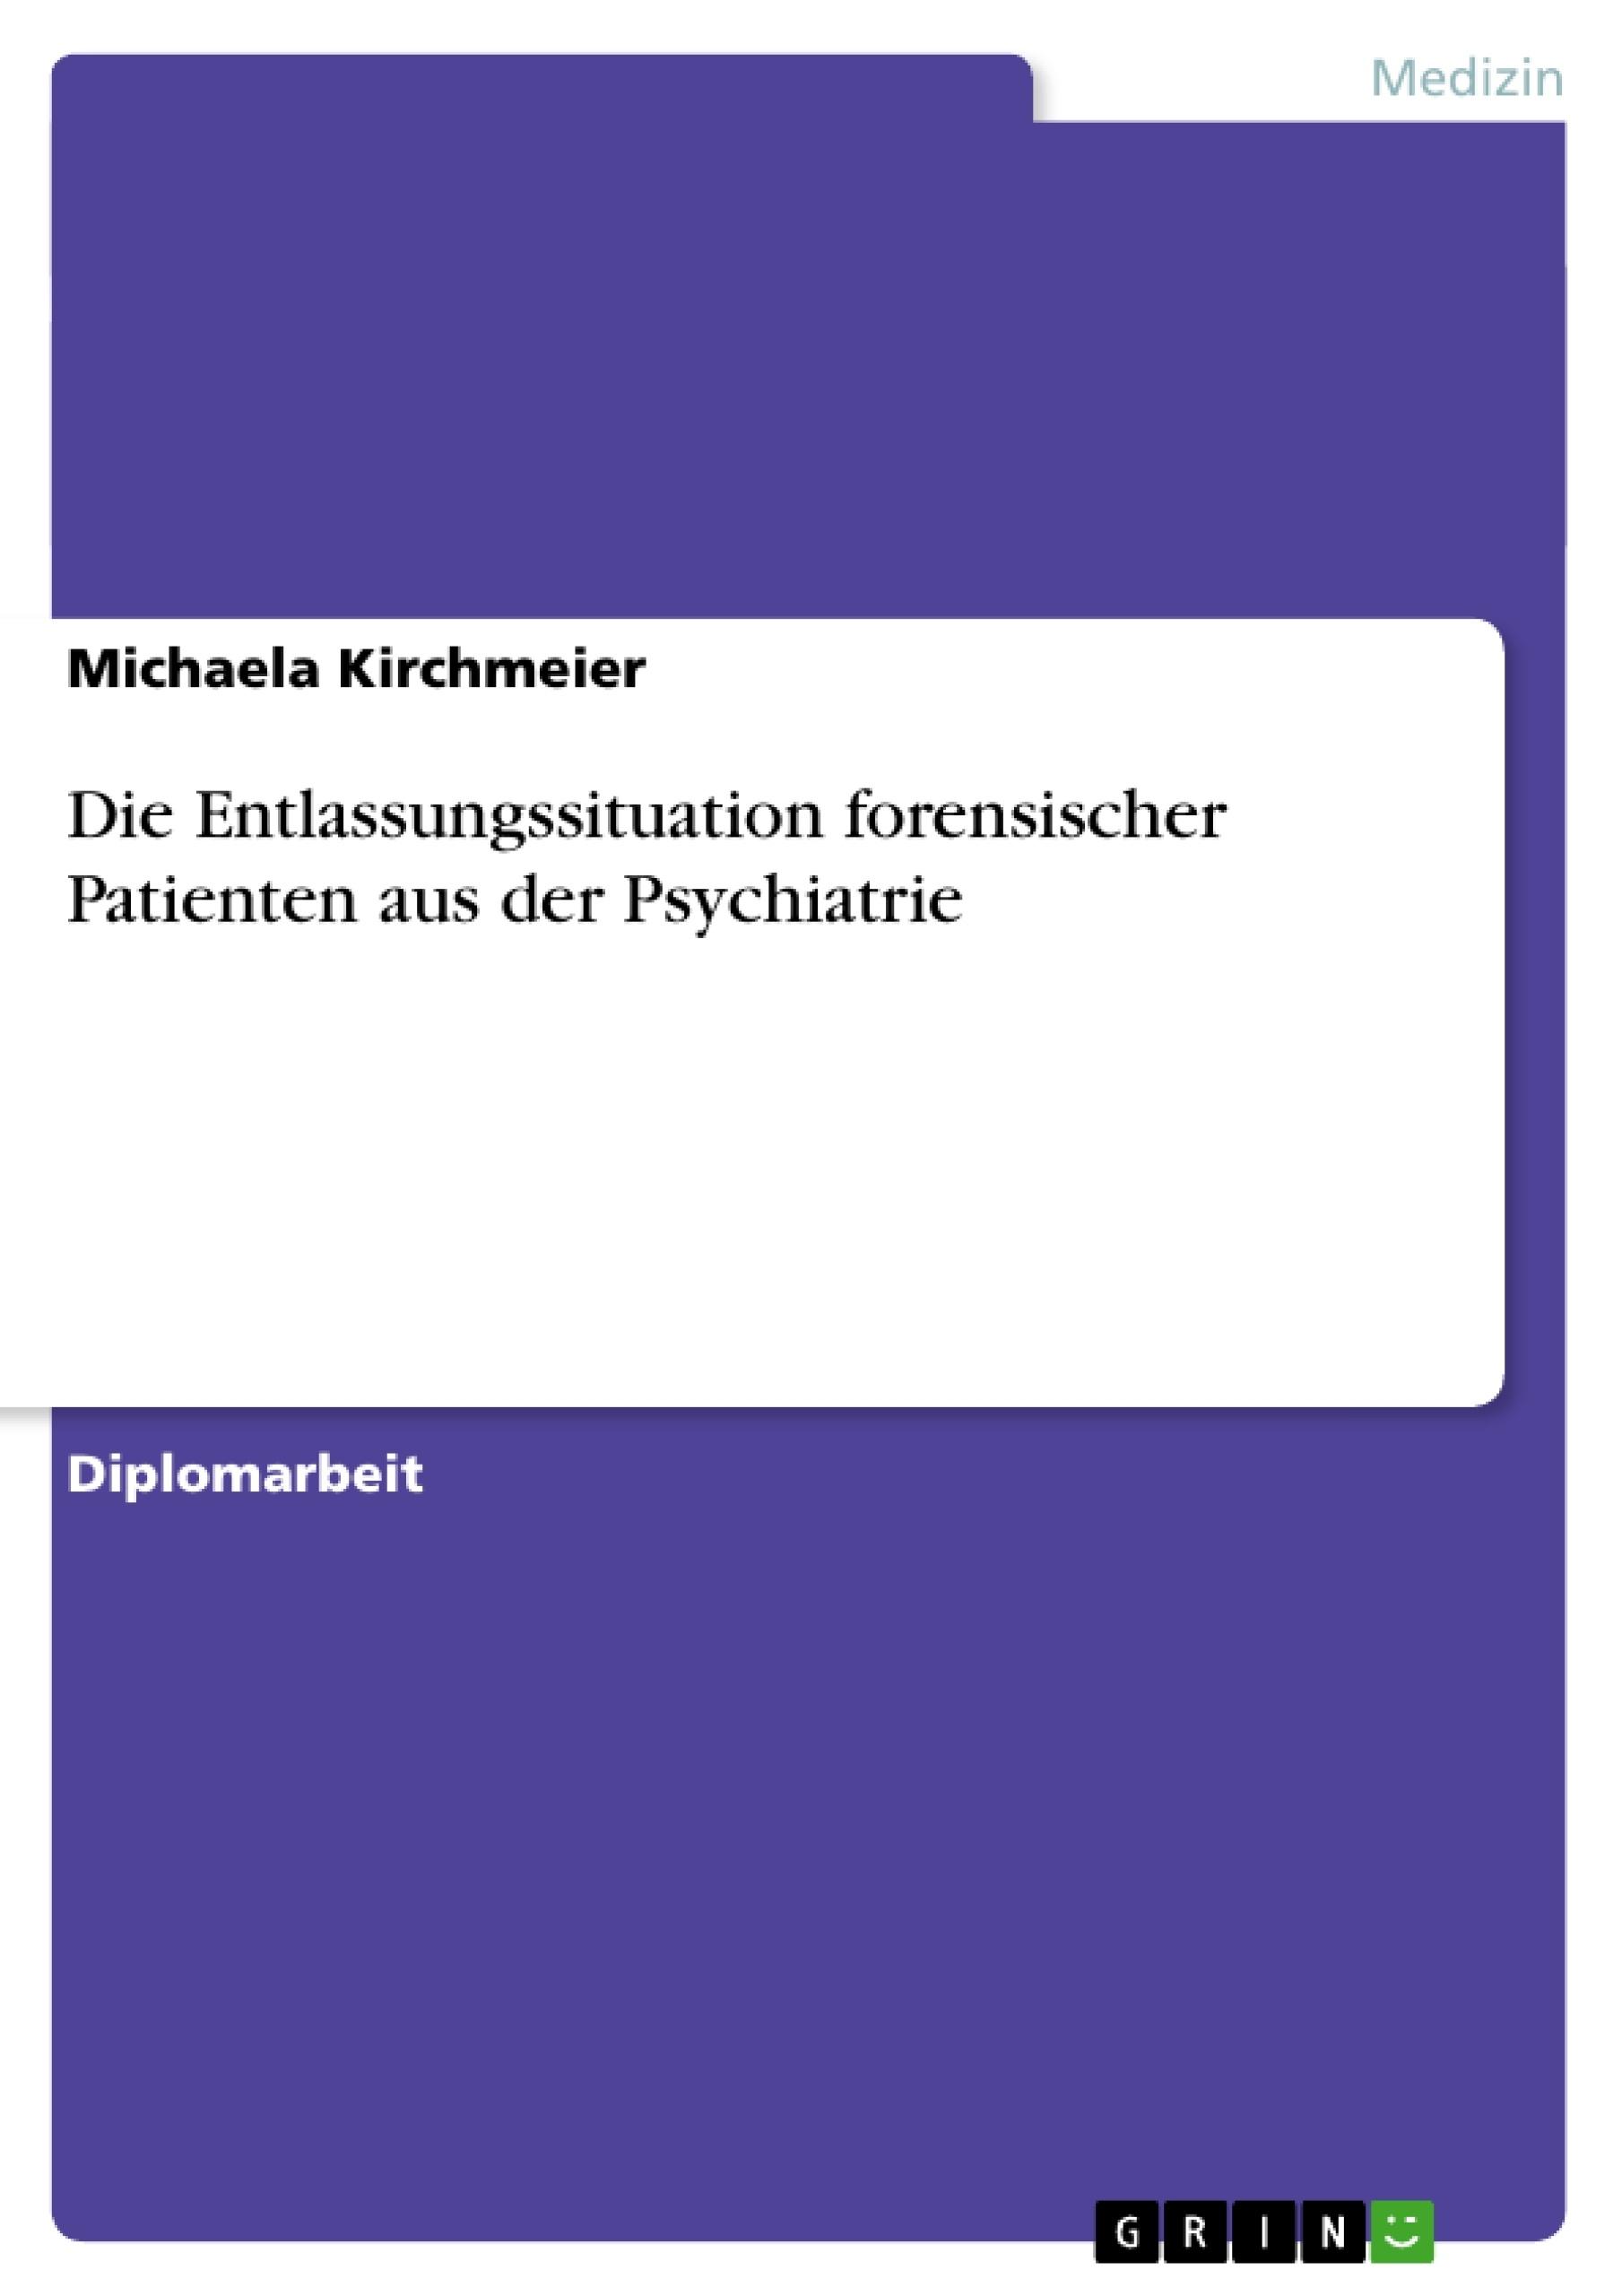 Titel: Die Entlassungssituation forensischer Patienten aus der Psychiatrie